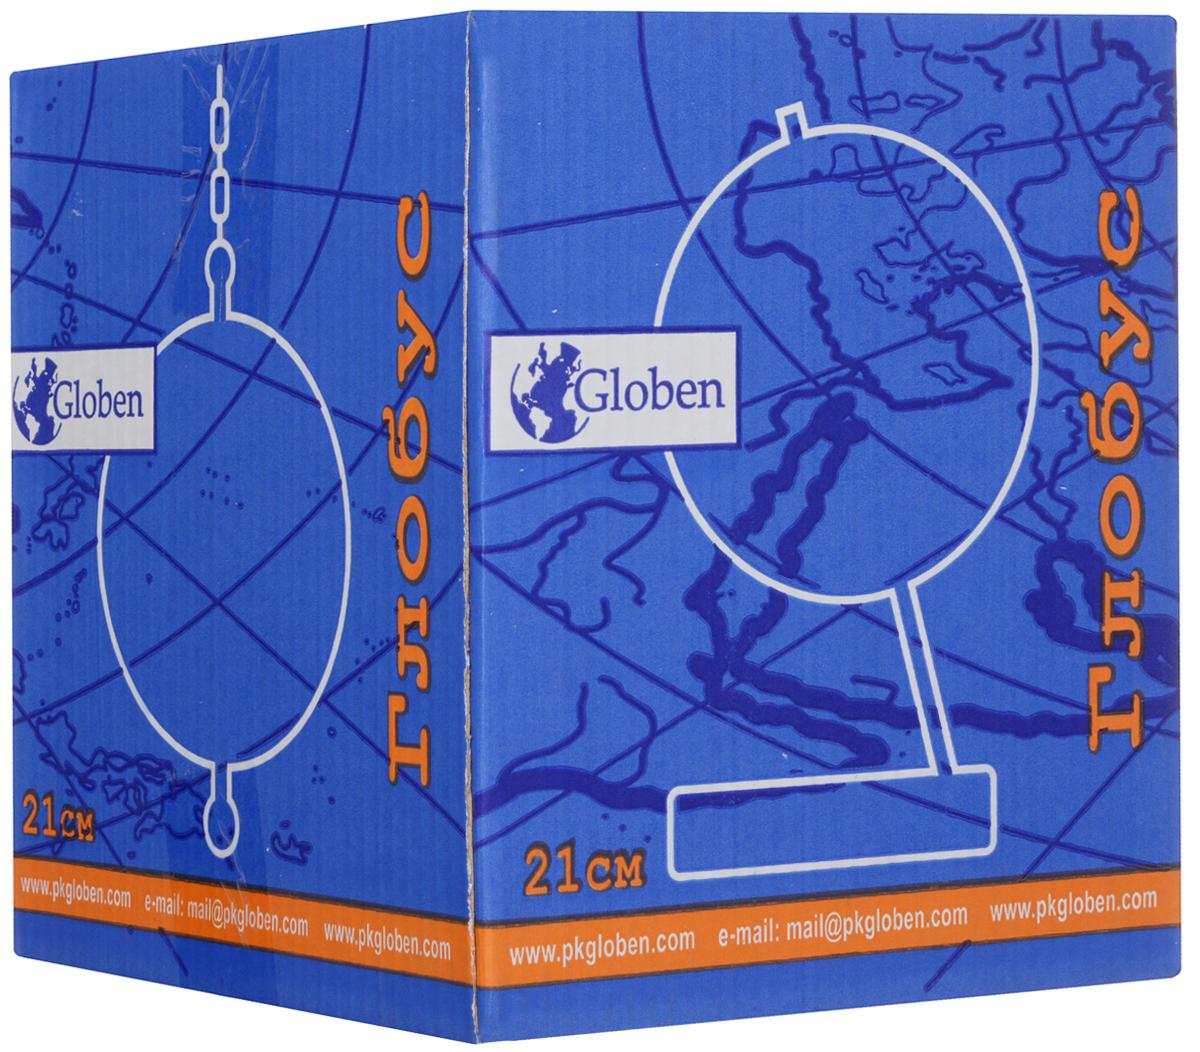 GlobenГлобус Земли физический с подсветкой диаметр 21 см Globen